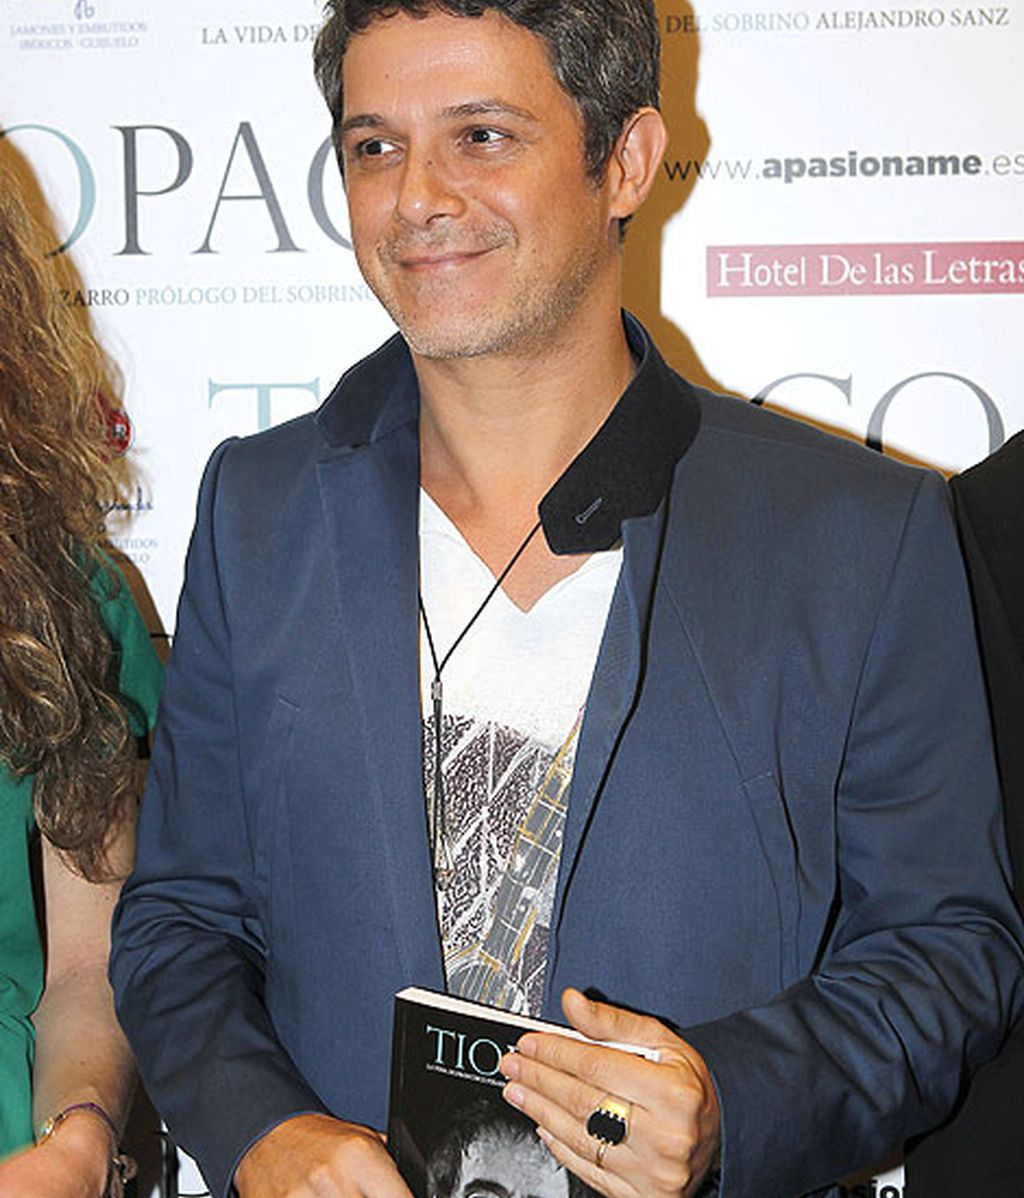 Alejandro Sanz ha escrito el prólogo del libro 'Tío Paco'